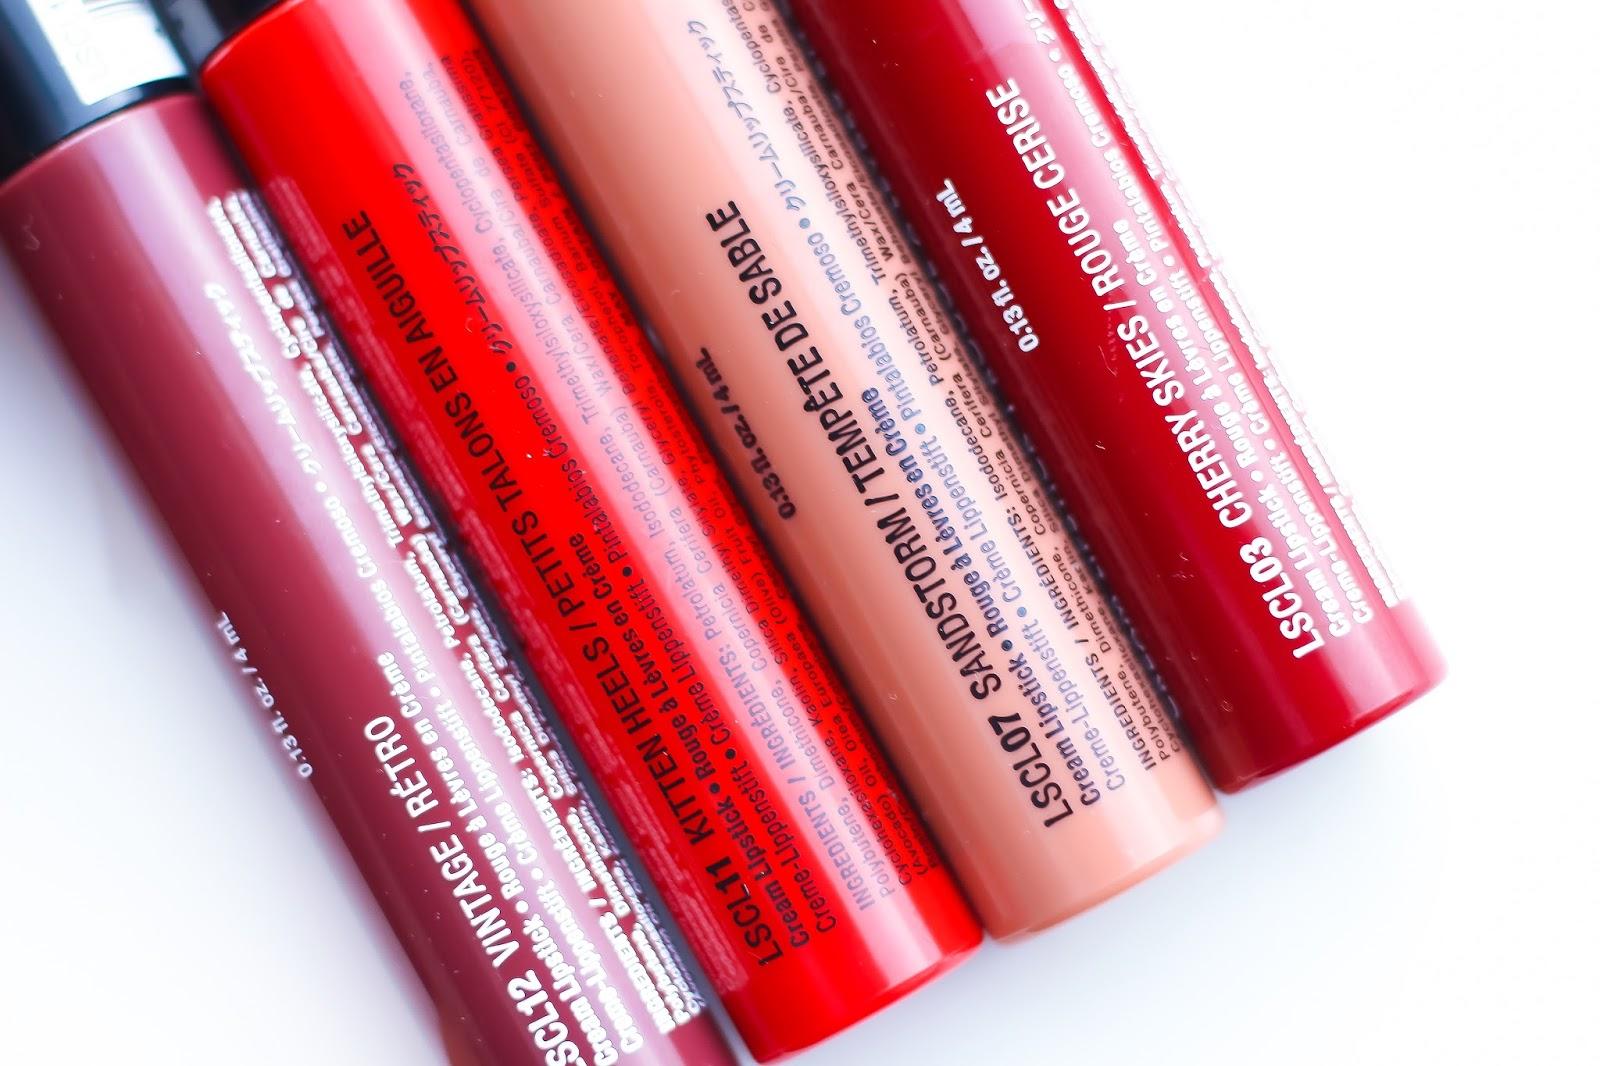 NYX Liquid Suede Cream Lipstick (Vintage, Kitten Heels, Sandstorm, Cherry Skies)